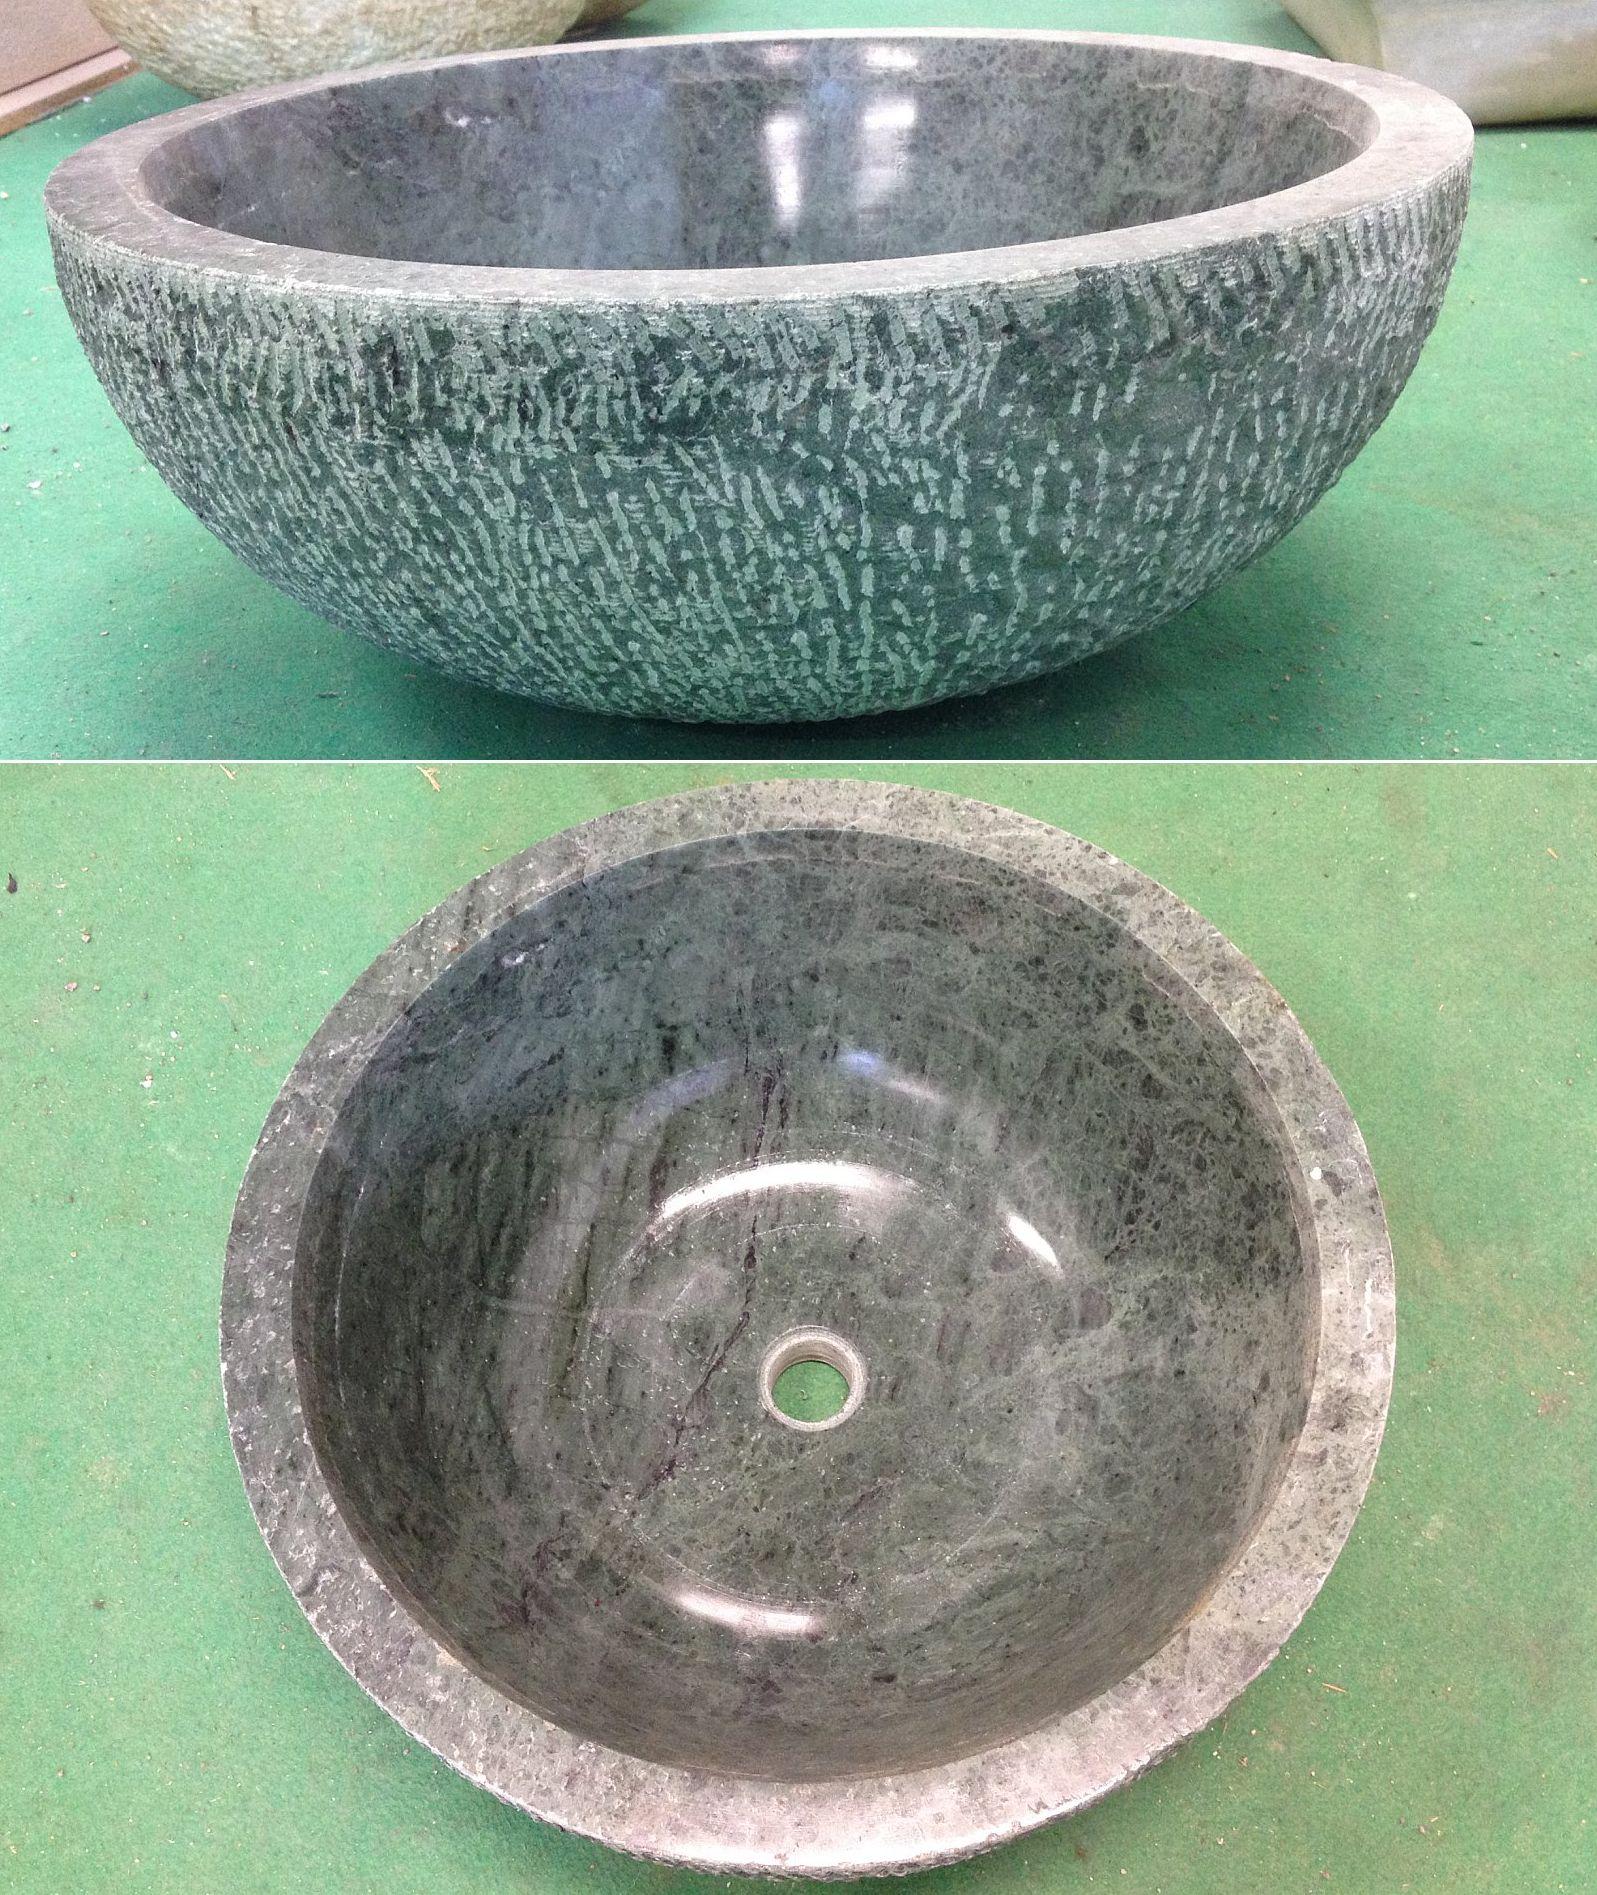 Lavandino in marmo verde cm 45x18 arredo bagno laverde45 200 00 fratelli vagnoni store - Lavandino in pietra bagno ...